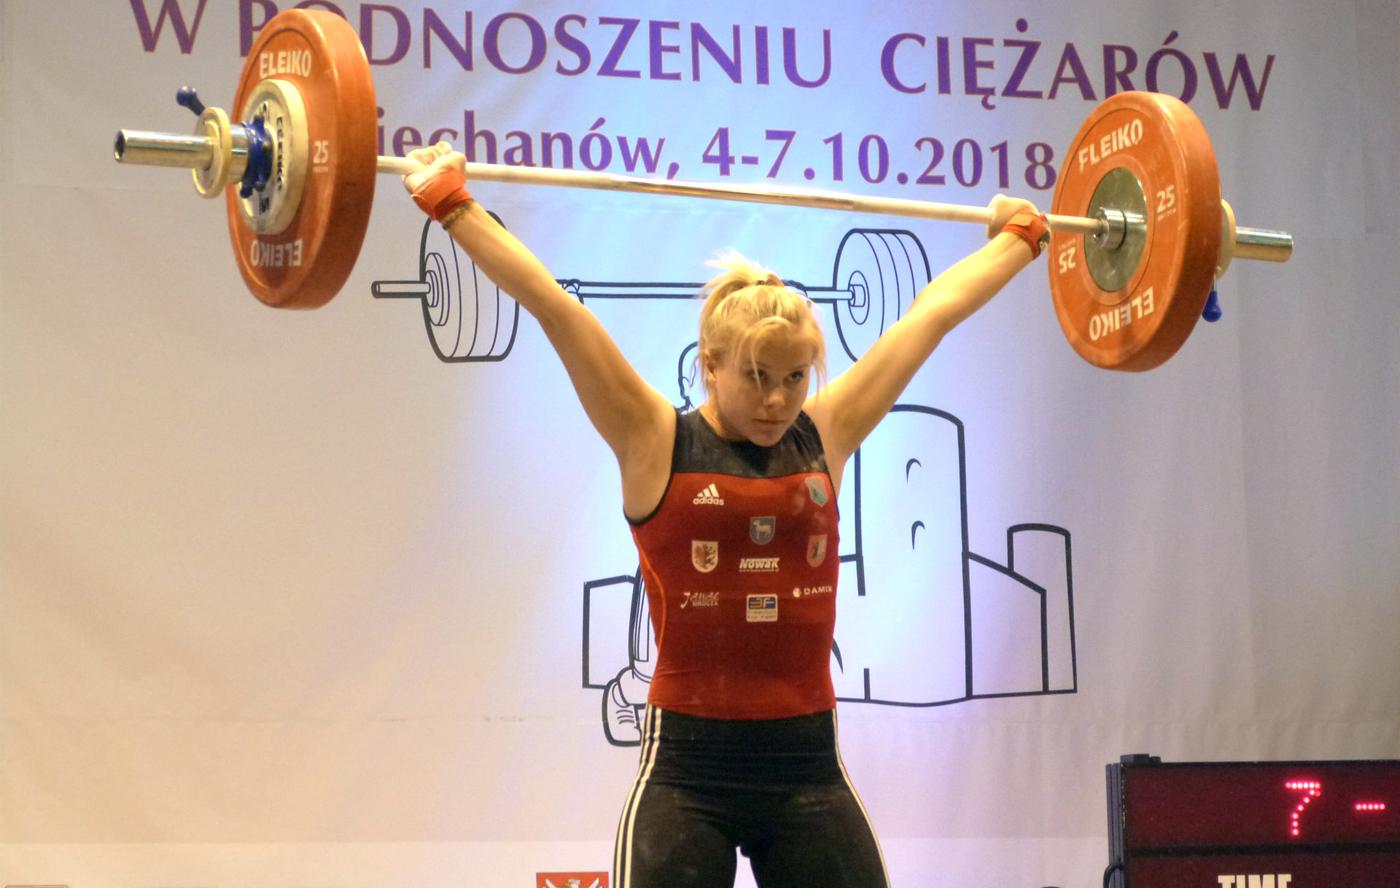 37 medali zdobyli nasi młodzicy na Mistrzostwach Polski wpodnoszeniu ciężarów